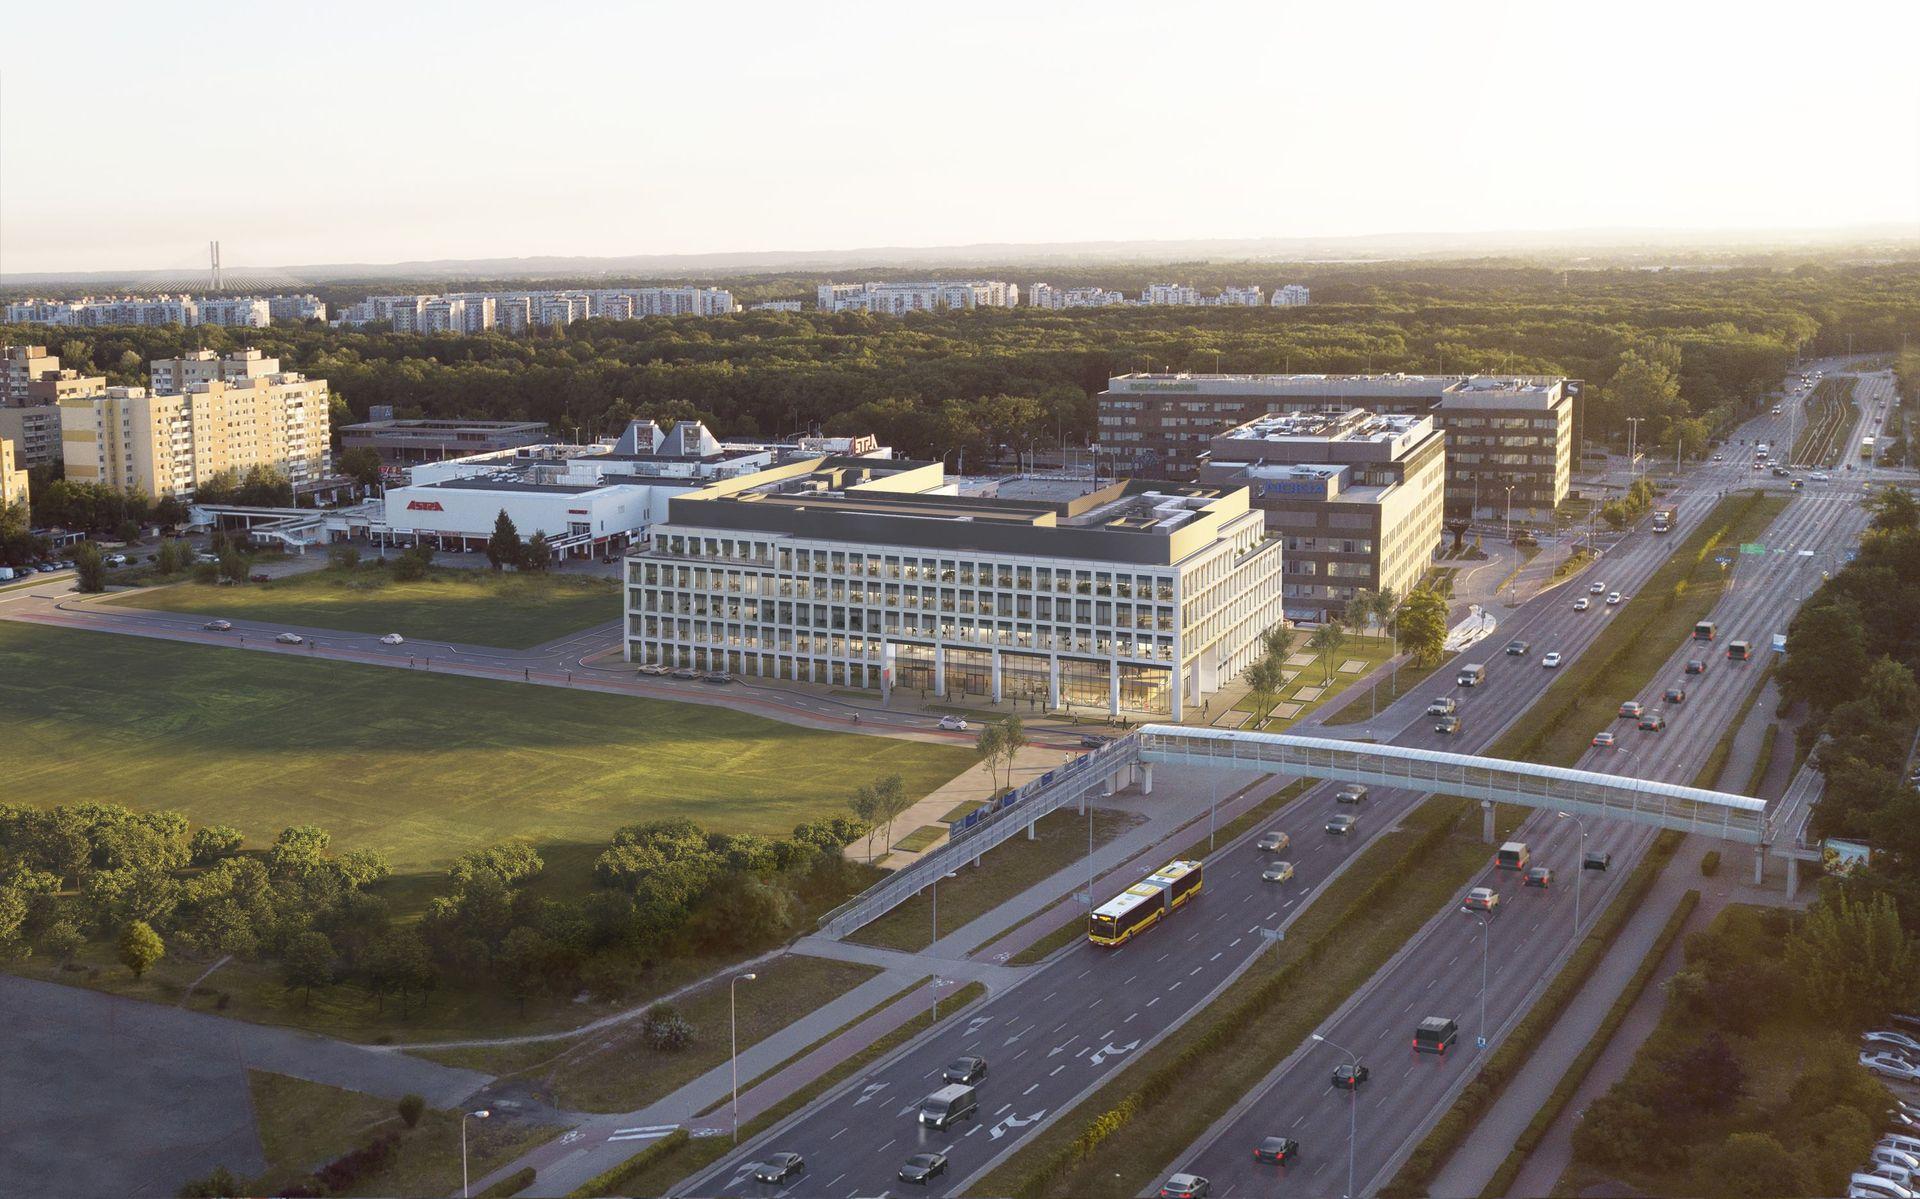 [Wrocław] Echo Investment pozyskało 20 mln euro na budowę biurowca West 4 Business Hub we Wrocławiu